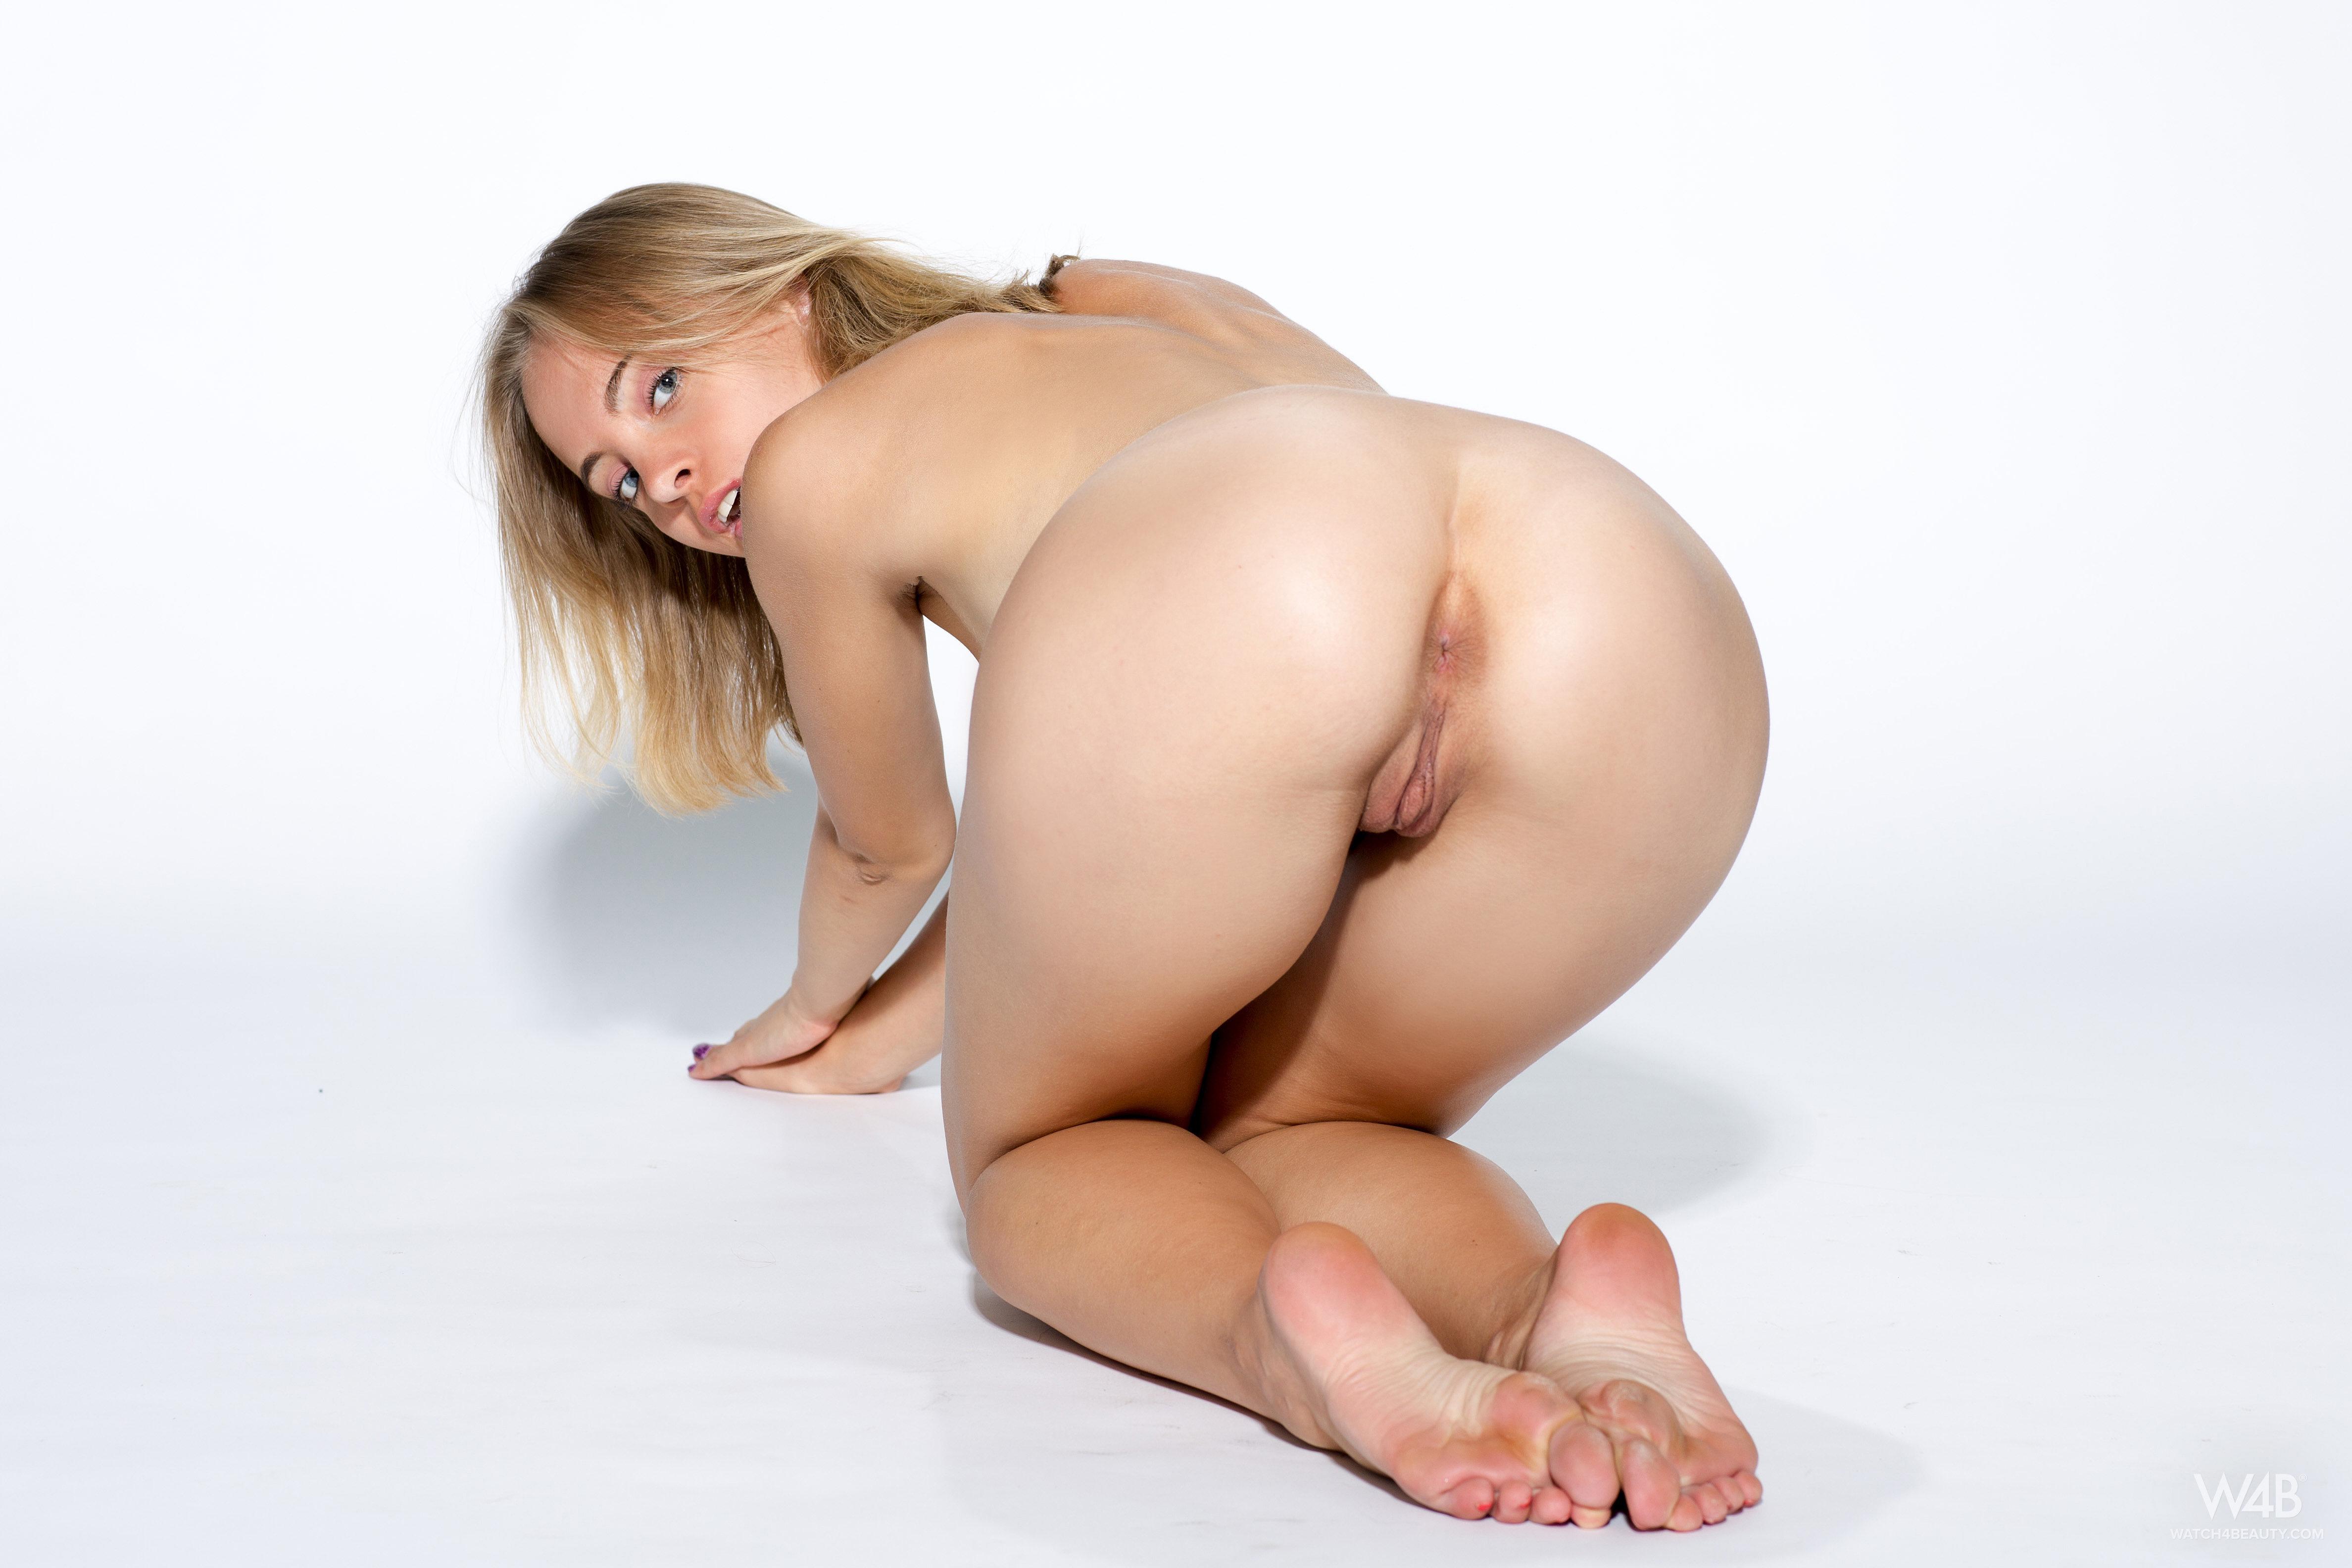 big booty pornstar lucy pearl